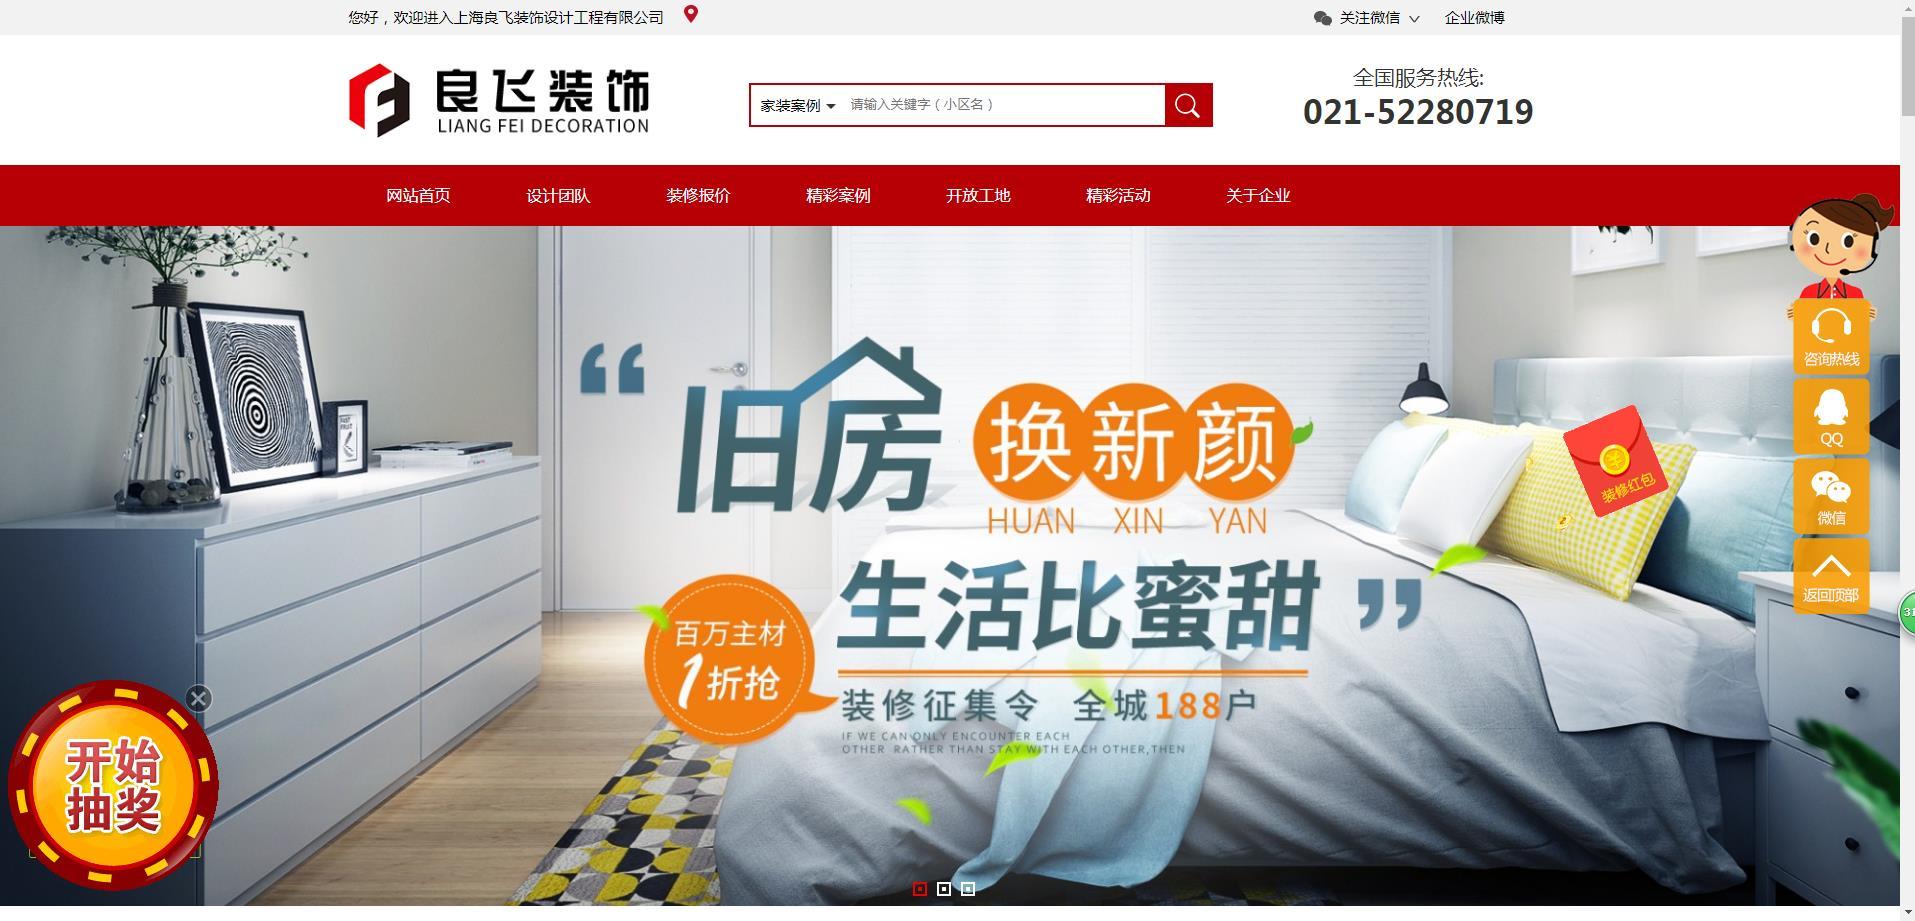 热烈祝贺上海良飞装饰设计工程有限公司2018新版官方网站上线